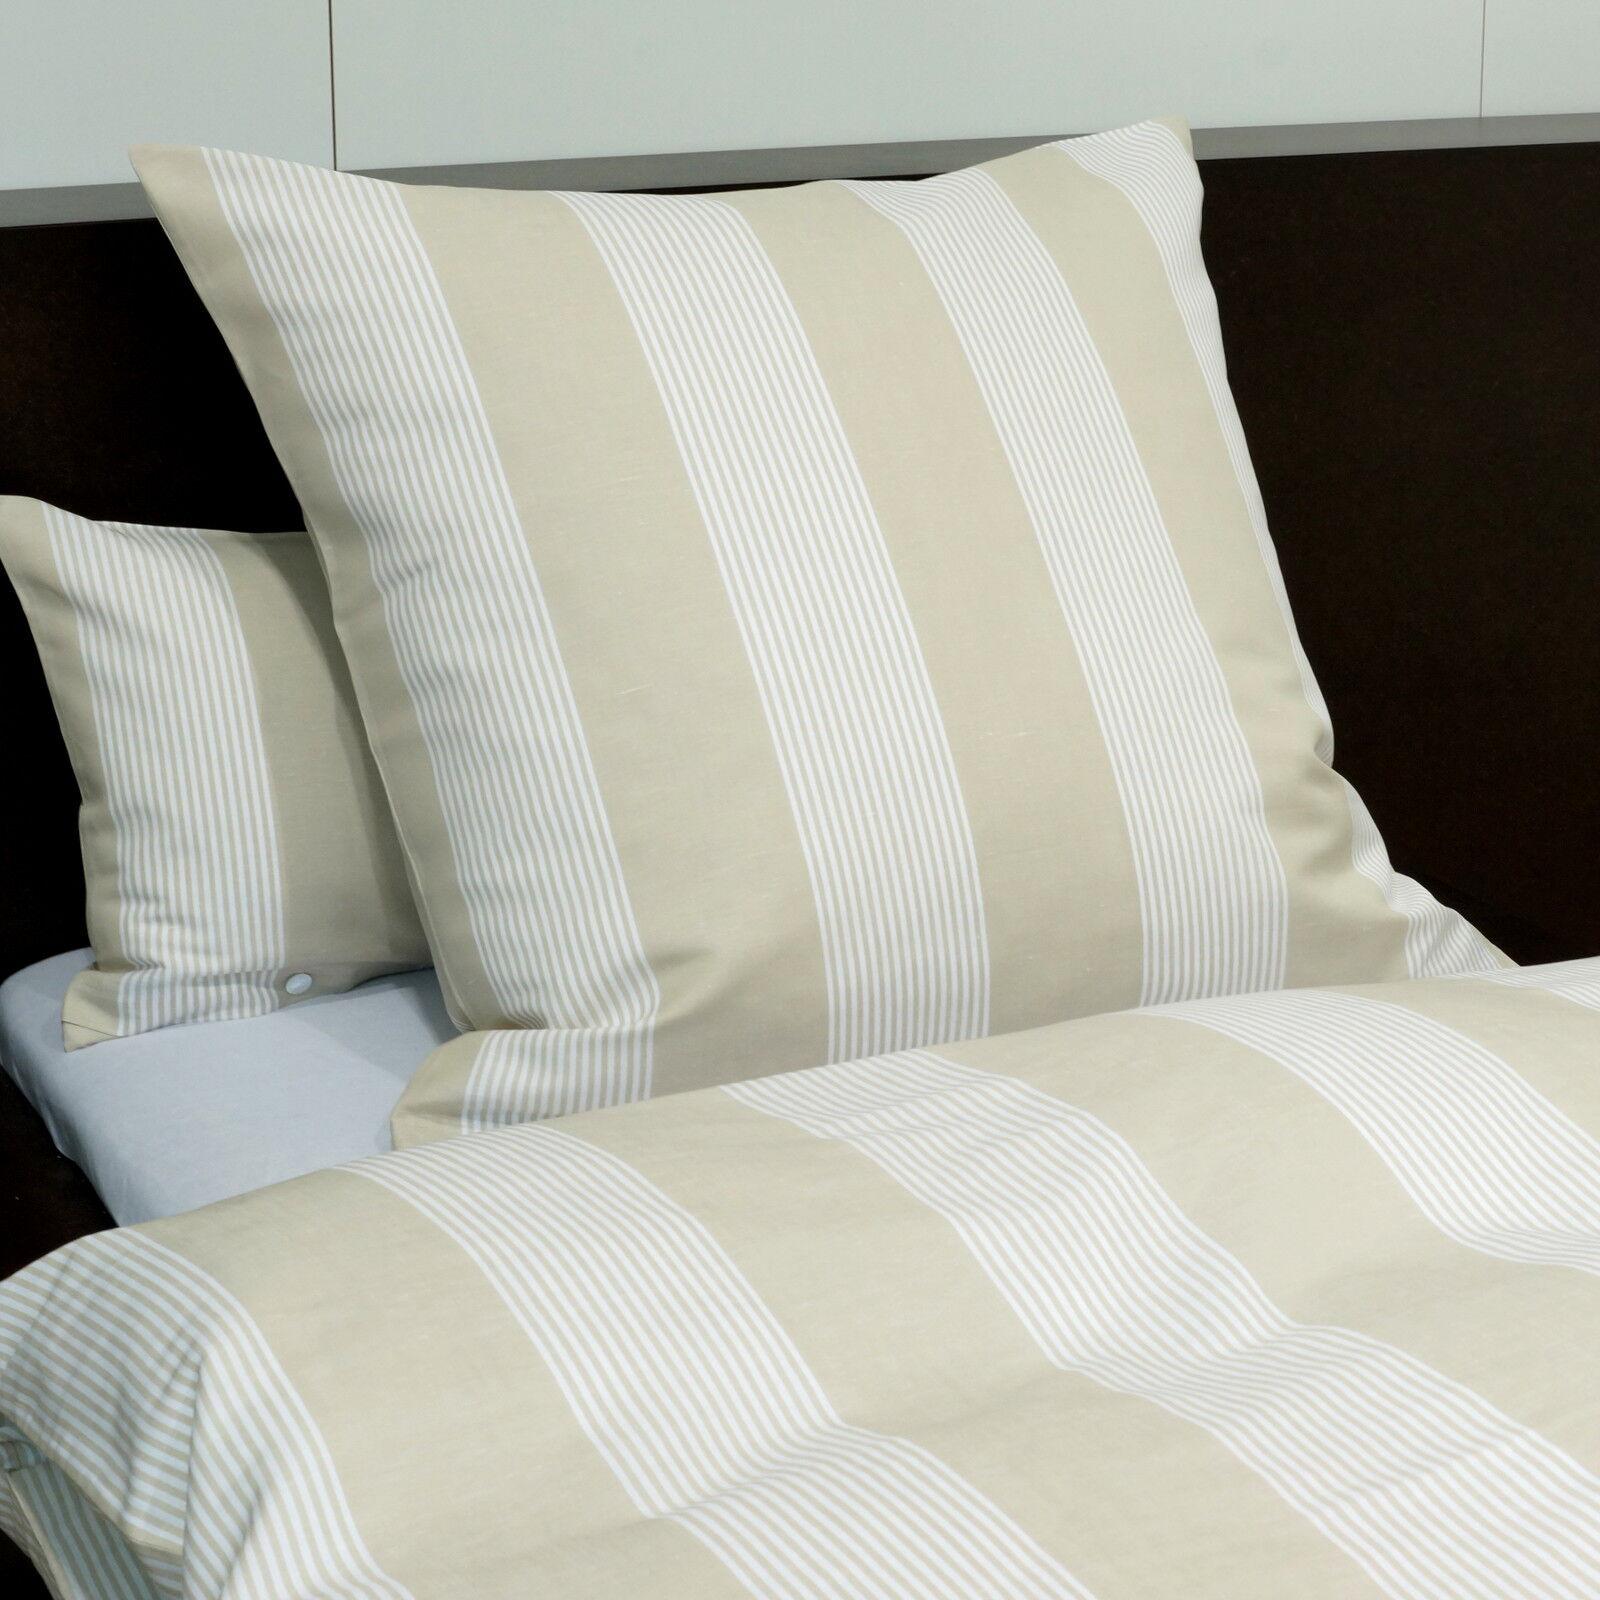 Leinen Bettwäsche aus Leinen Bettbezug Brighton 135 cm x 200 cm 155 cm x 220 cm